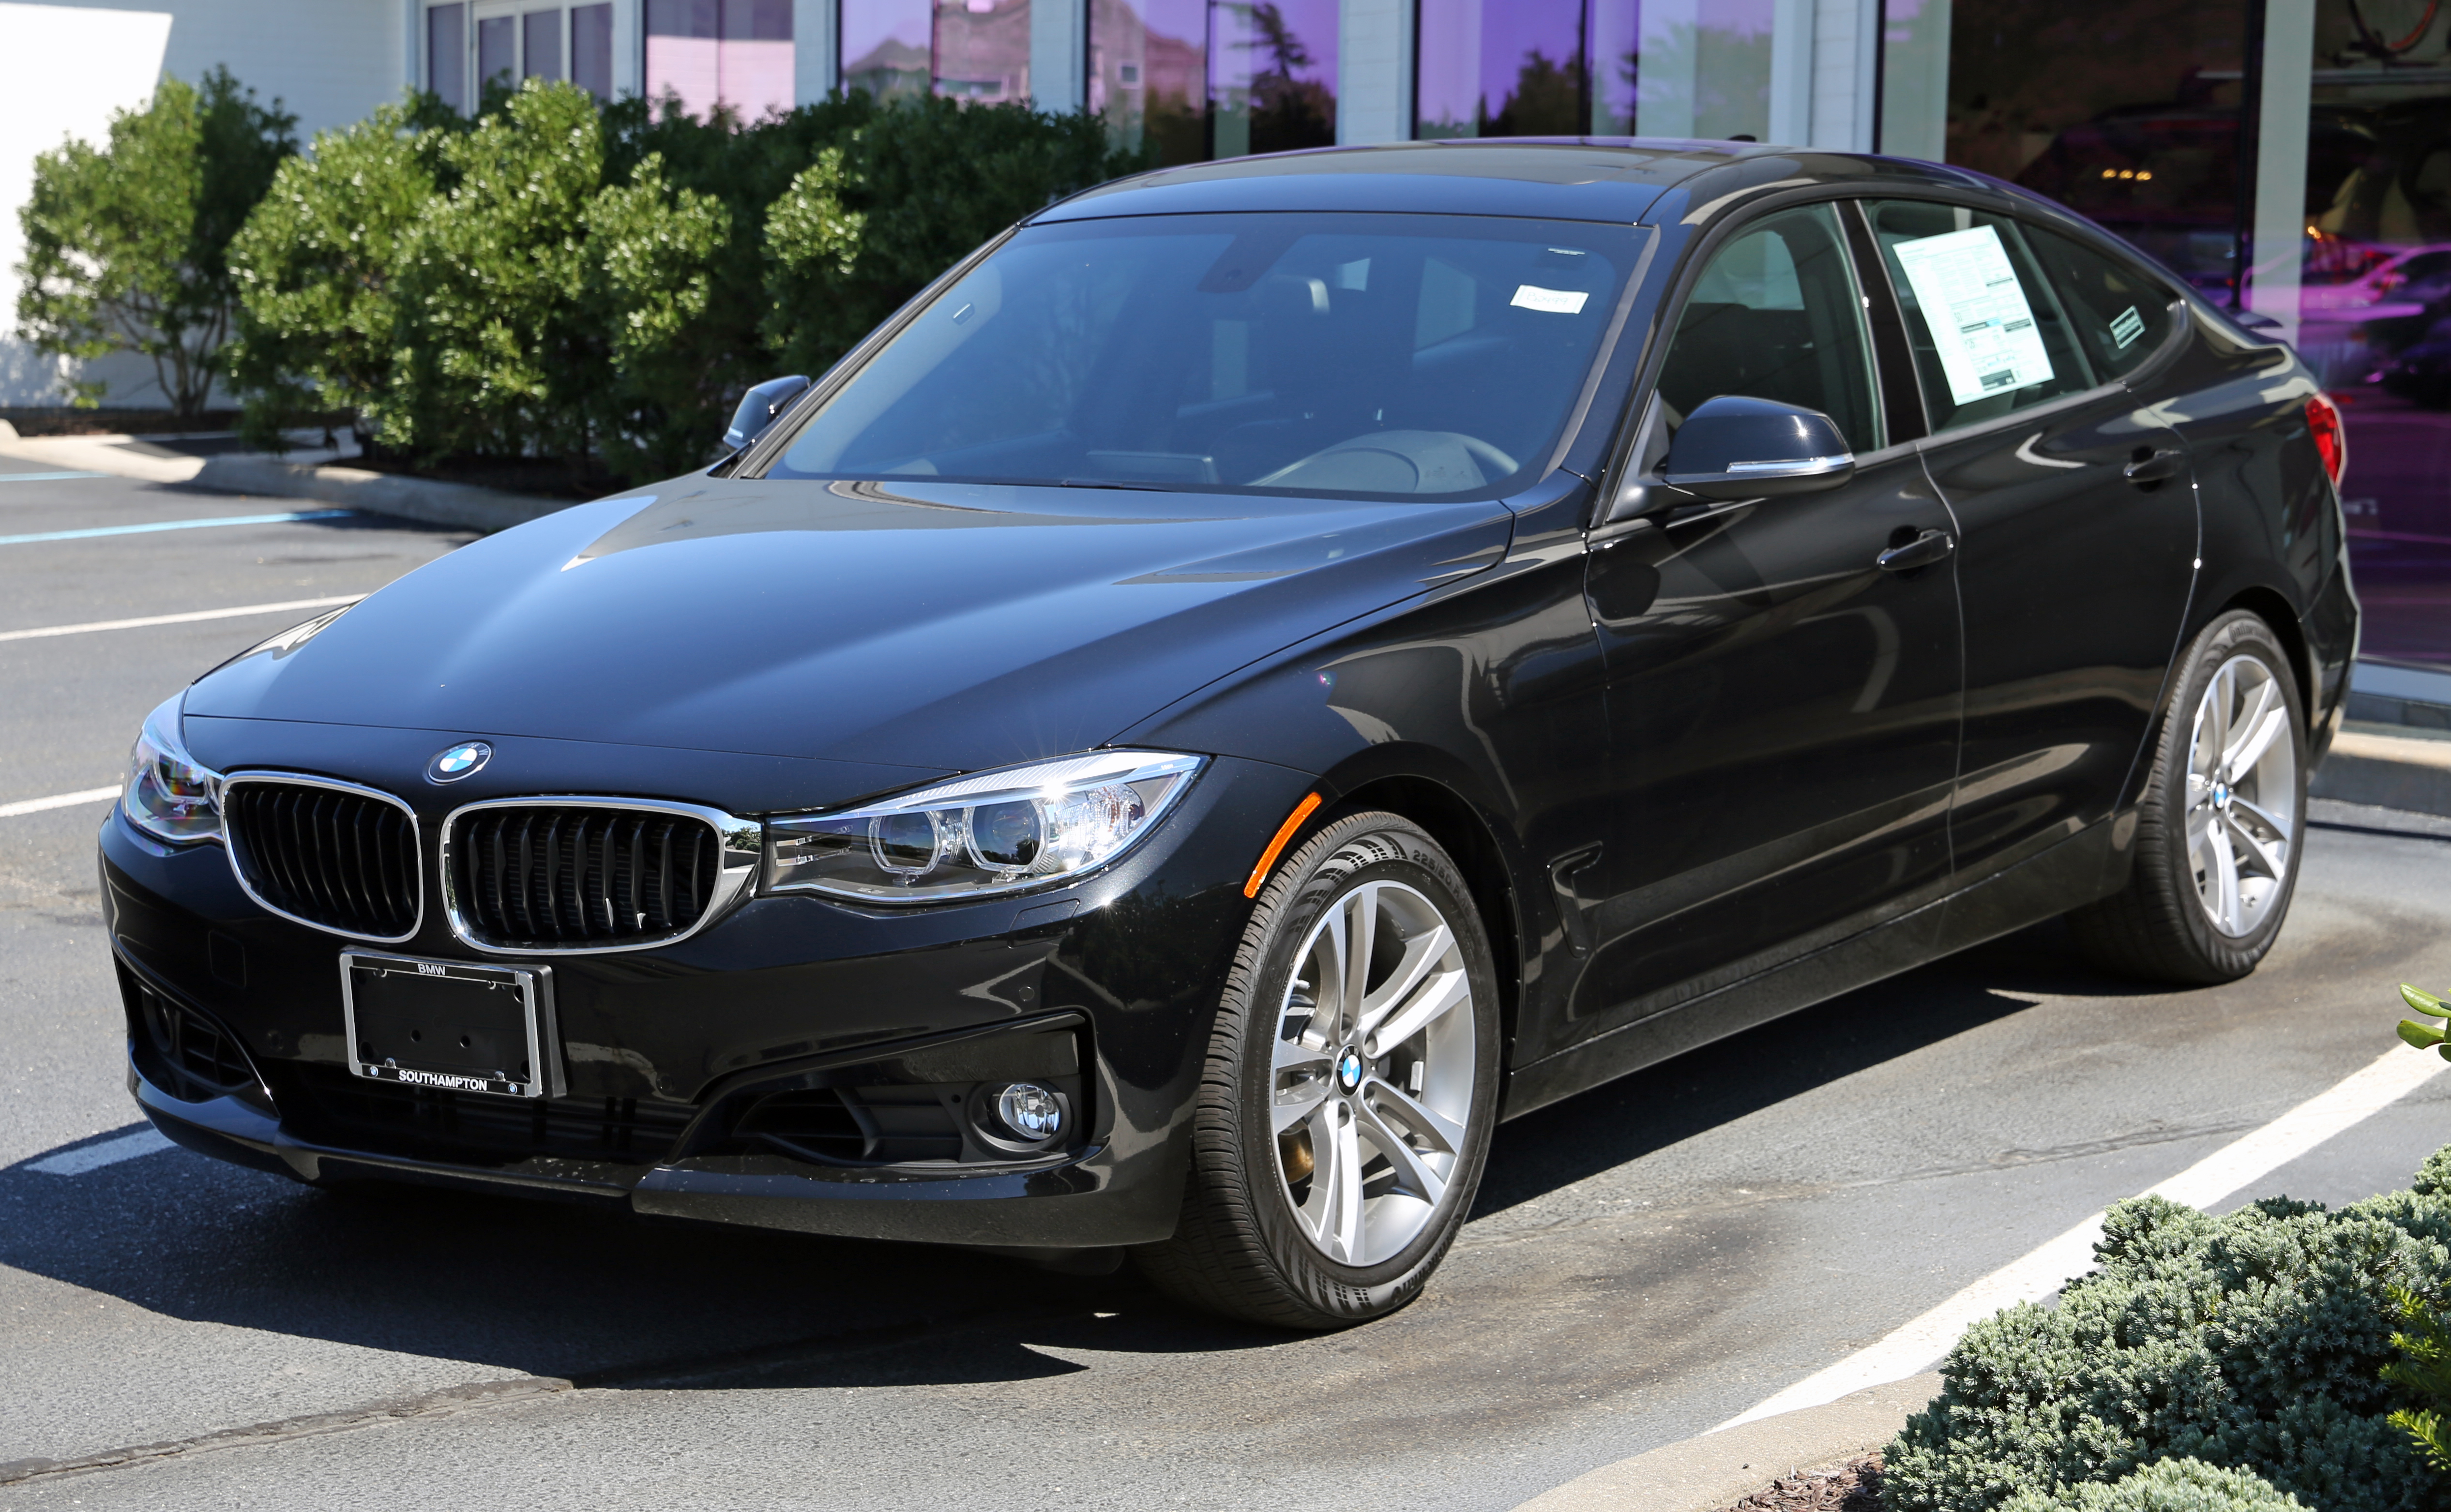 File BMW I GT XDrive Sport Linejpg Wikimedia Commons - 2014 328 bmw